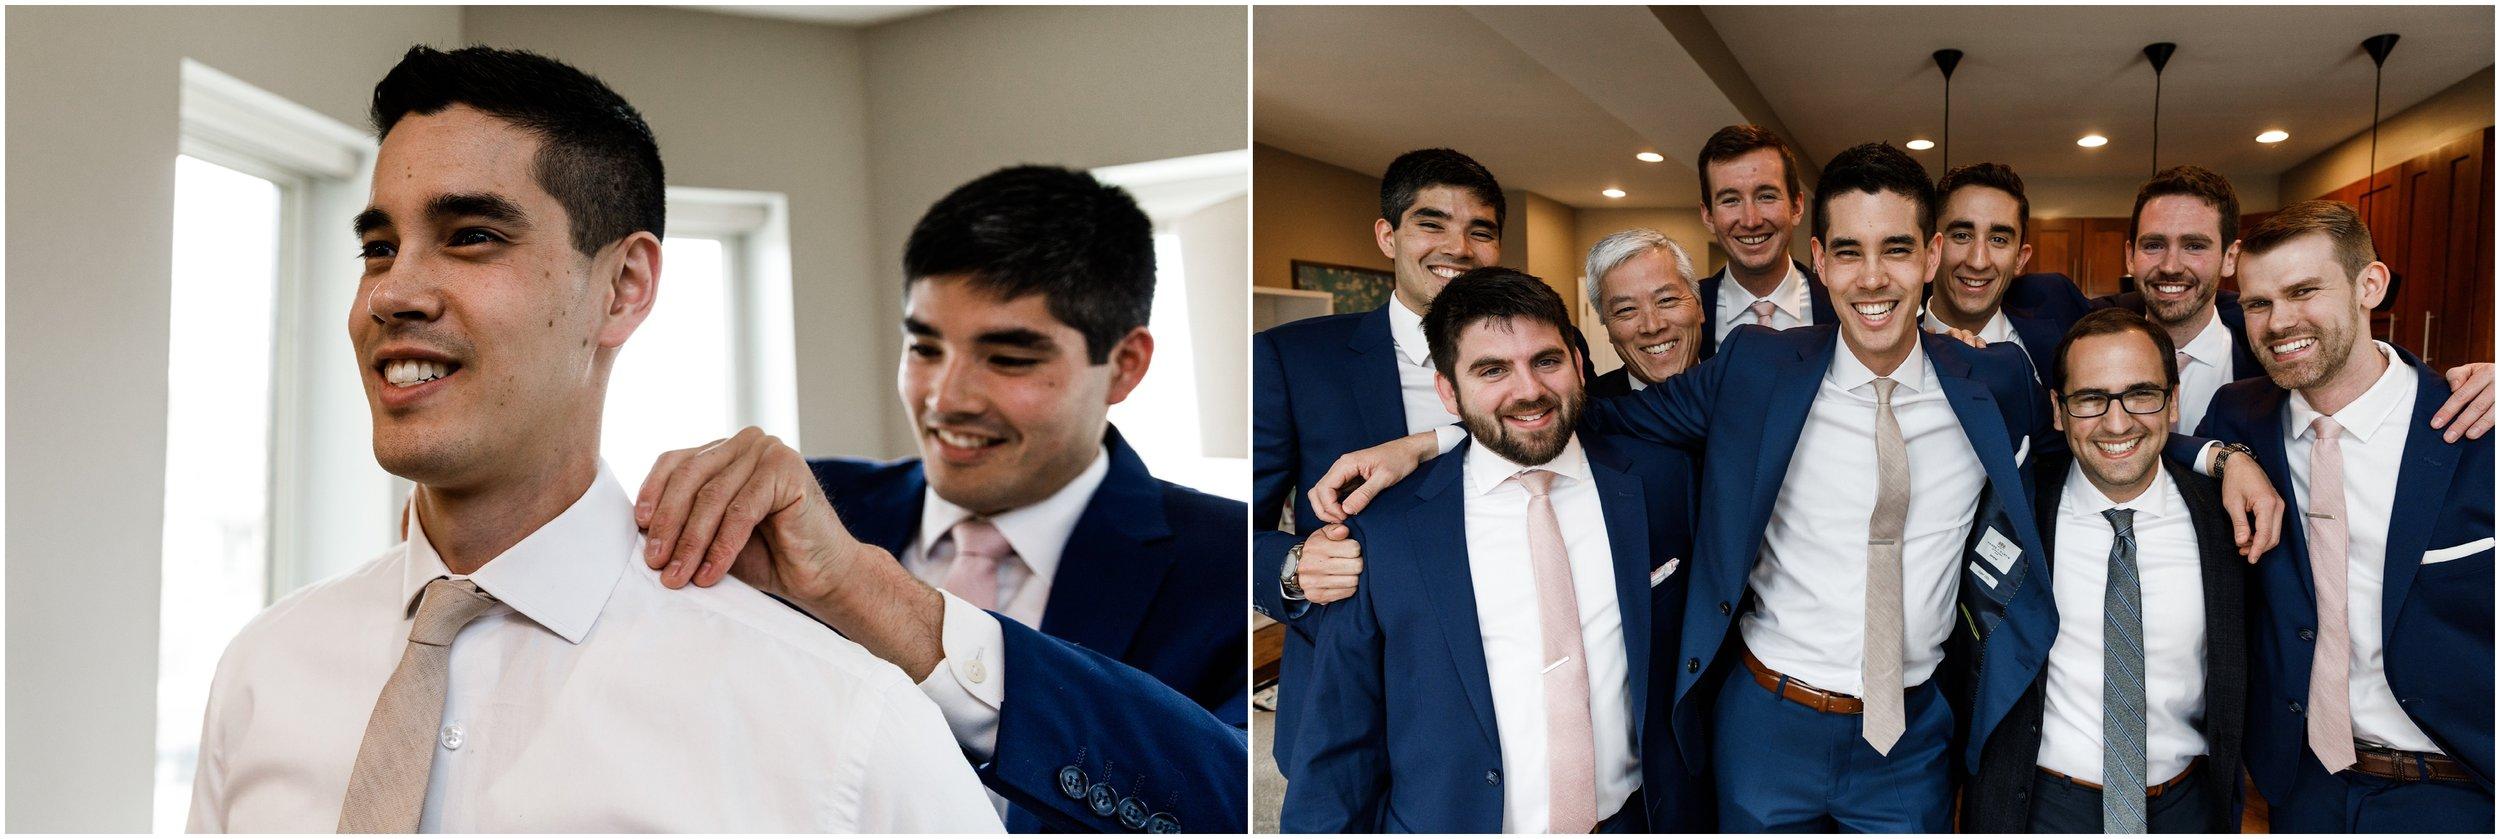 best man adjusting groom's tie